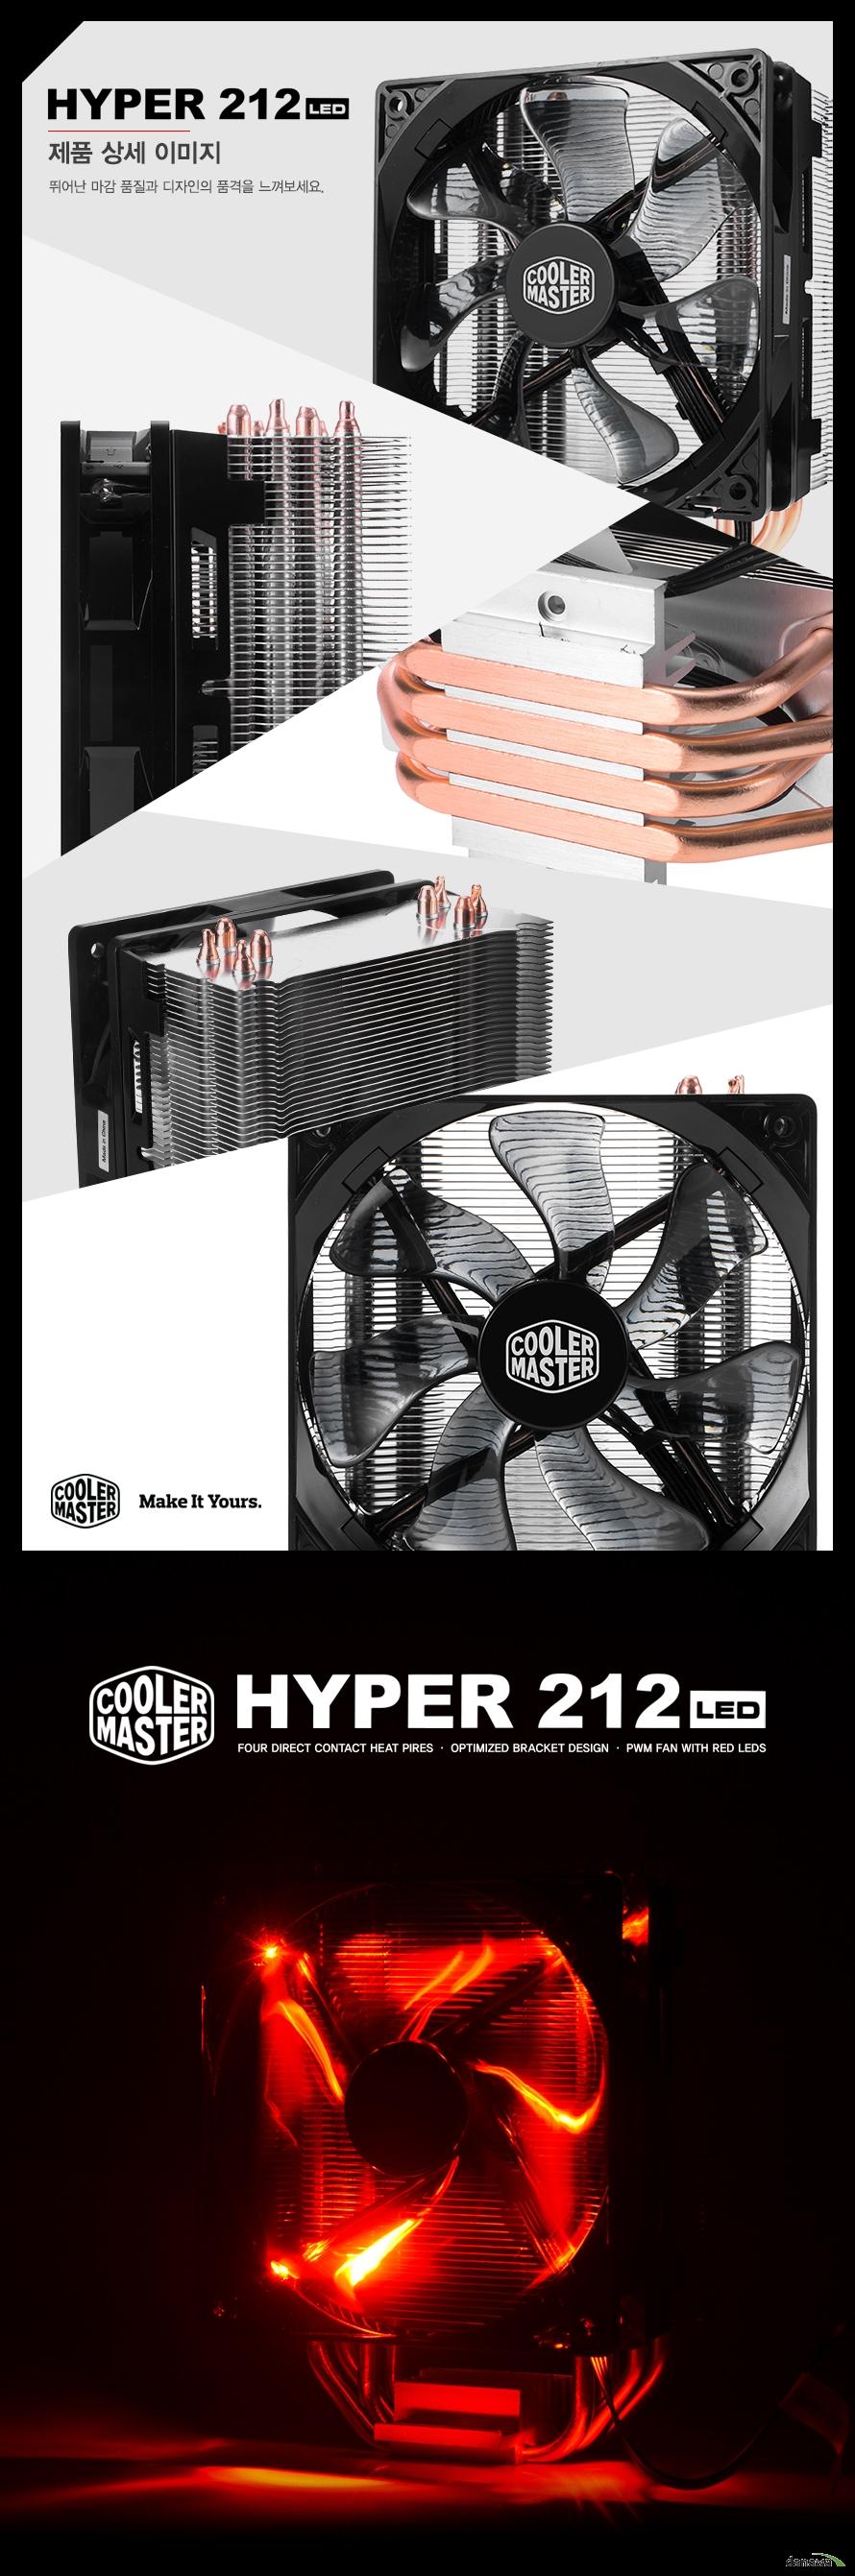 HYPER 212 LED 제품 상세 이미지뛰어난 마감 품질과 디자인의 품격을 느껴보세요.